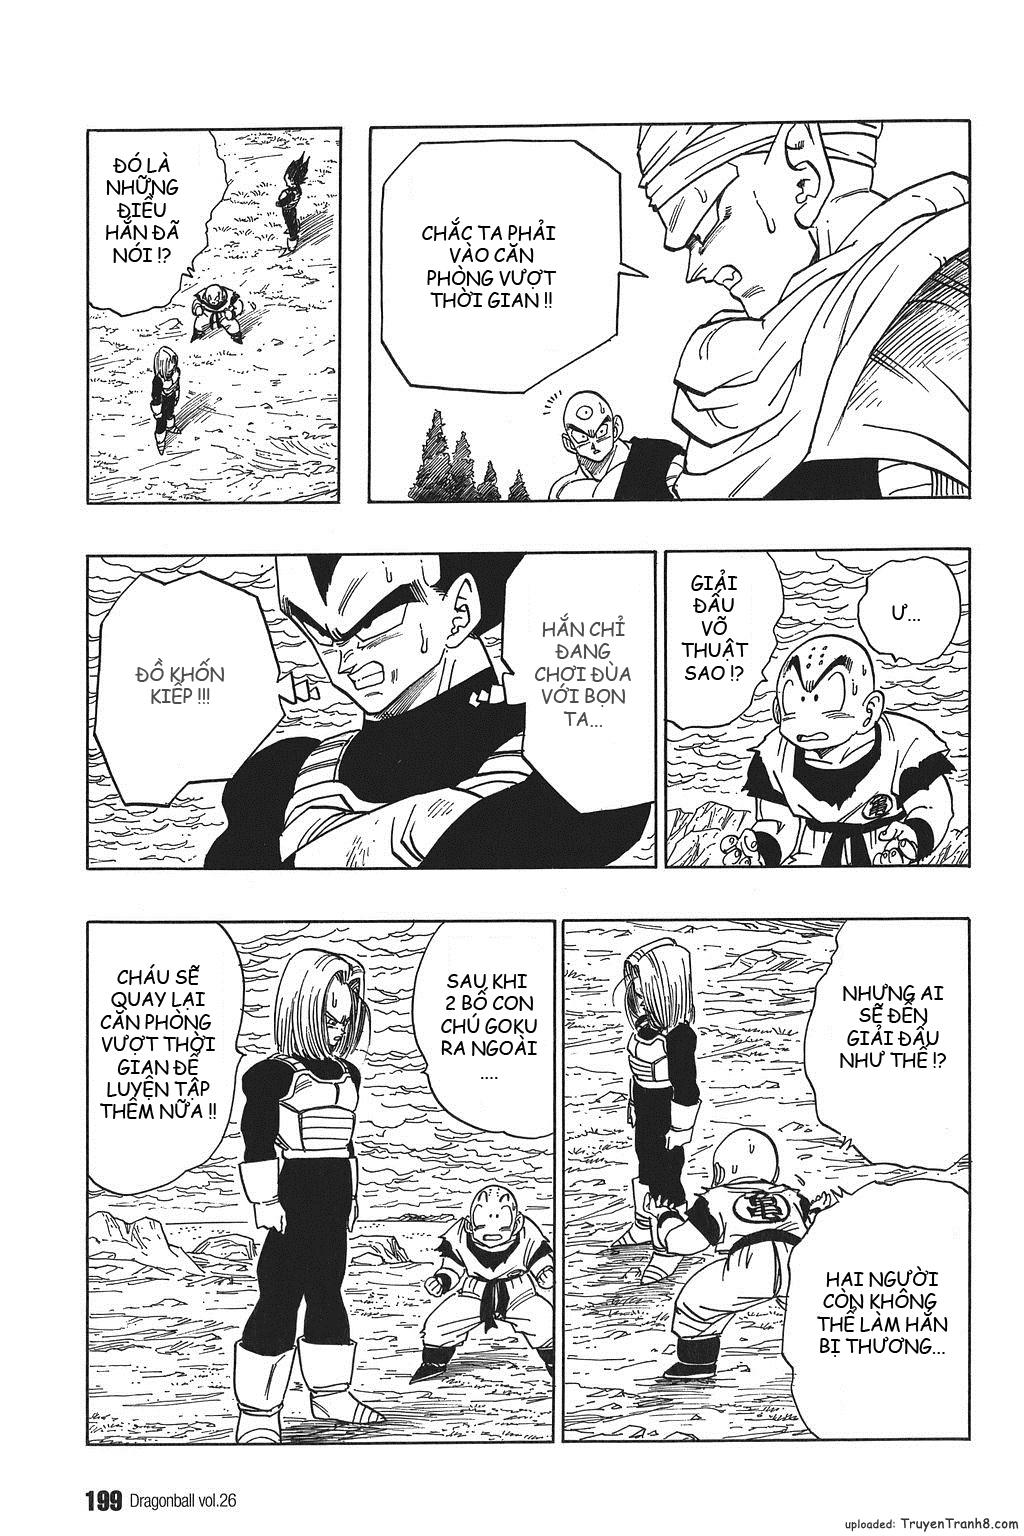 xem truyen moi - Dragon Ball Bản Vip - Bản Đẹp Nguyên Gốc Chap 388